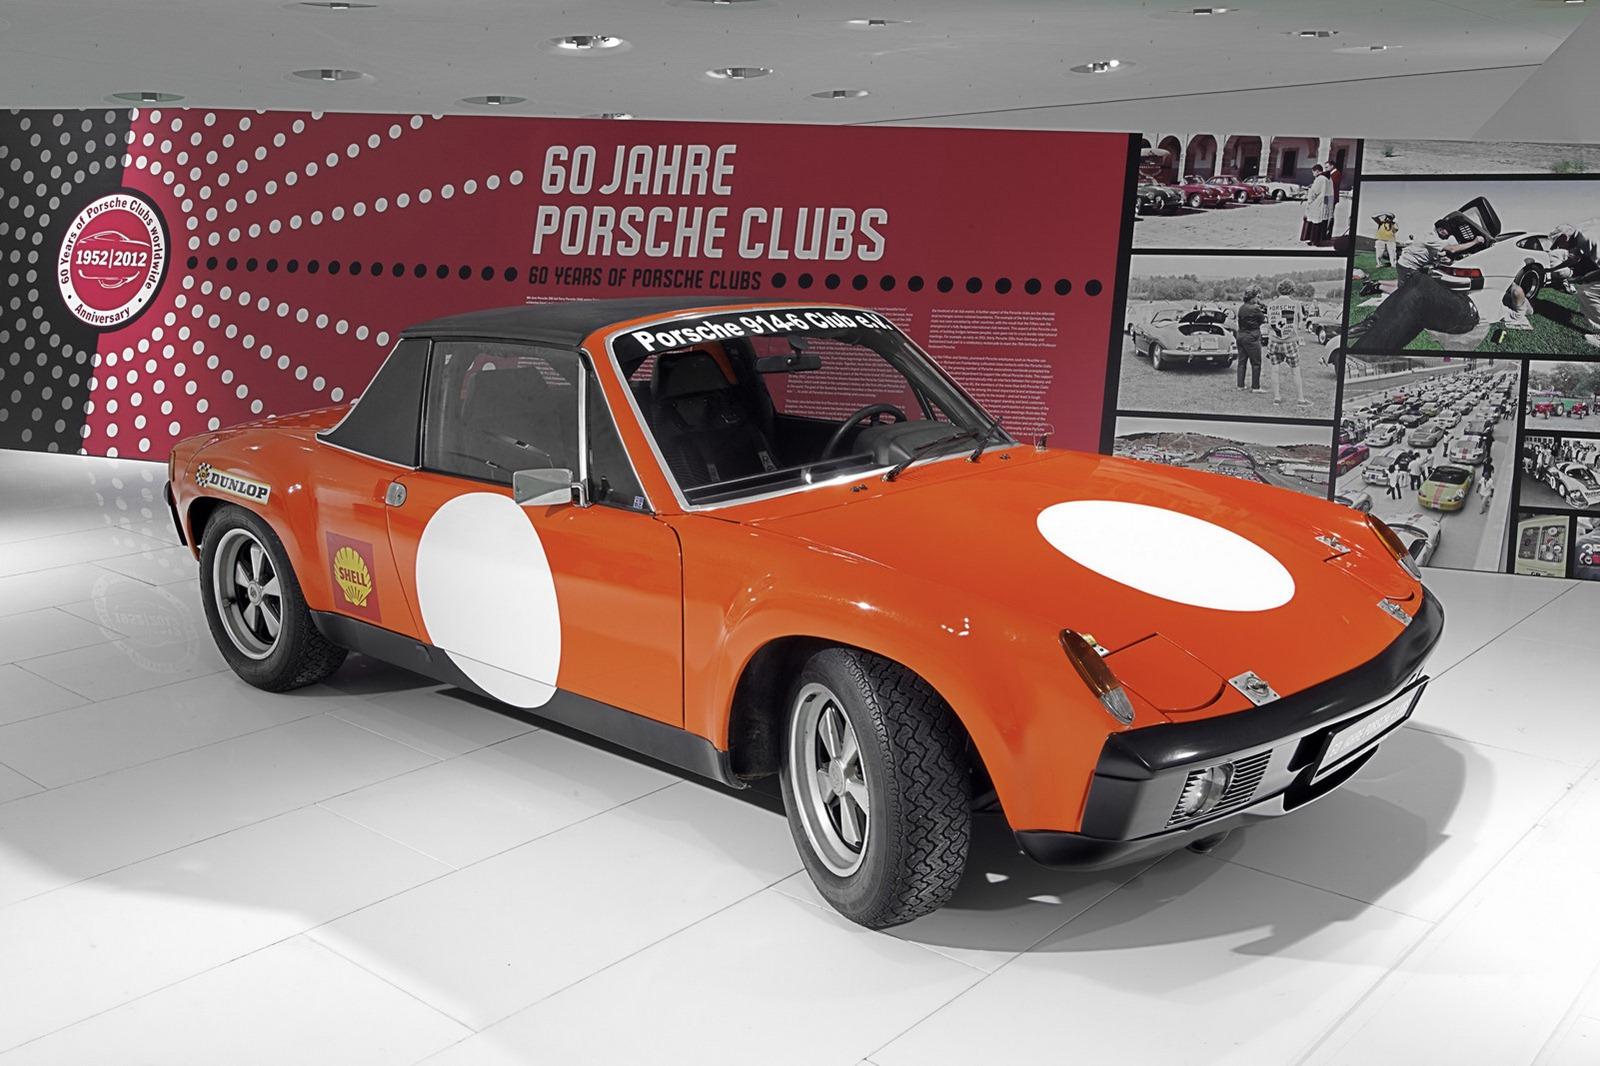 [Porsche-Club-5%255B2%255D.jpg]